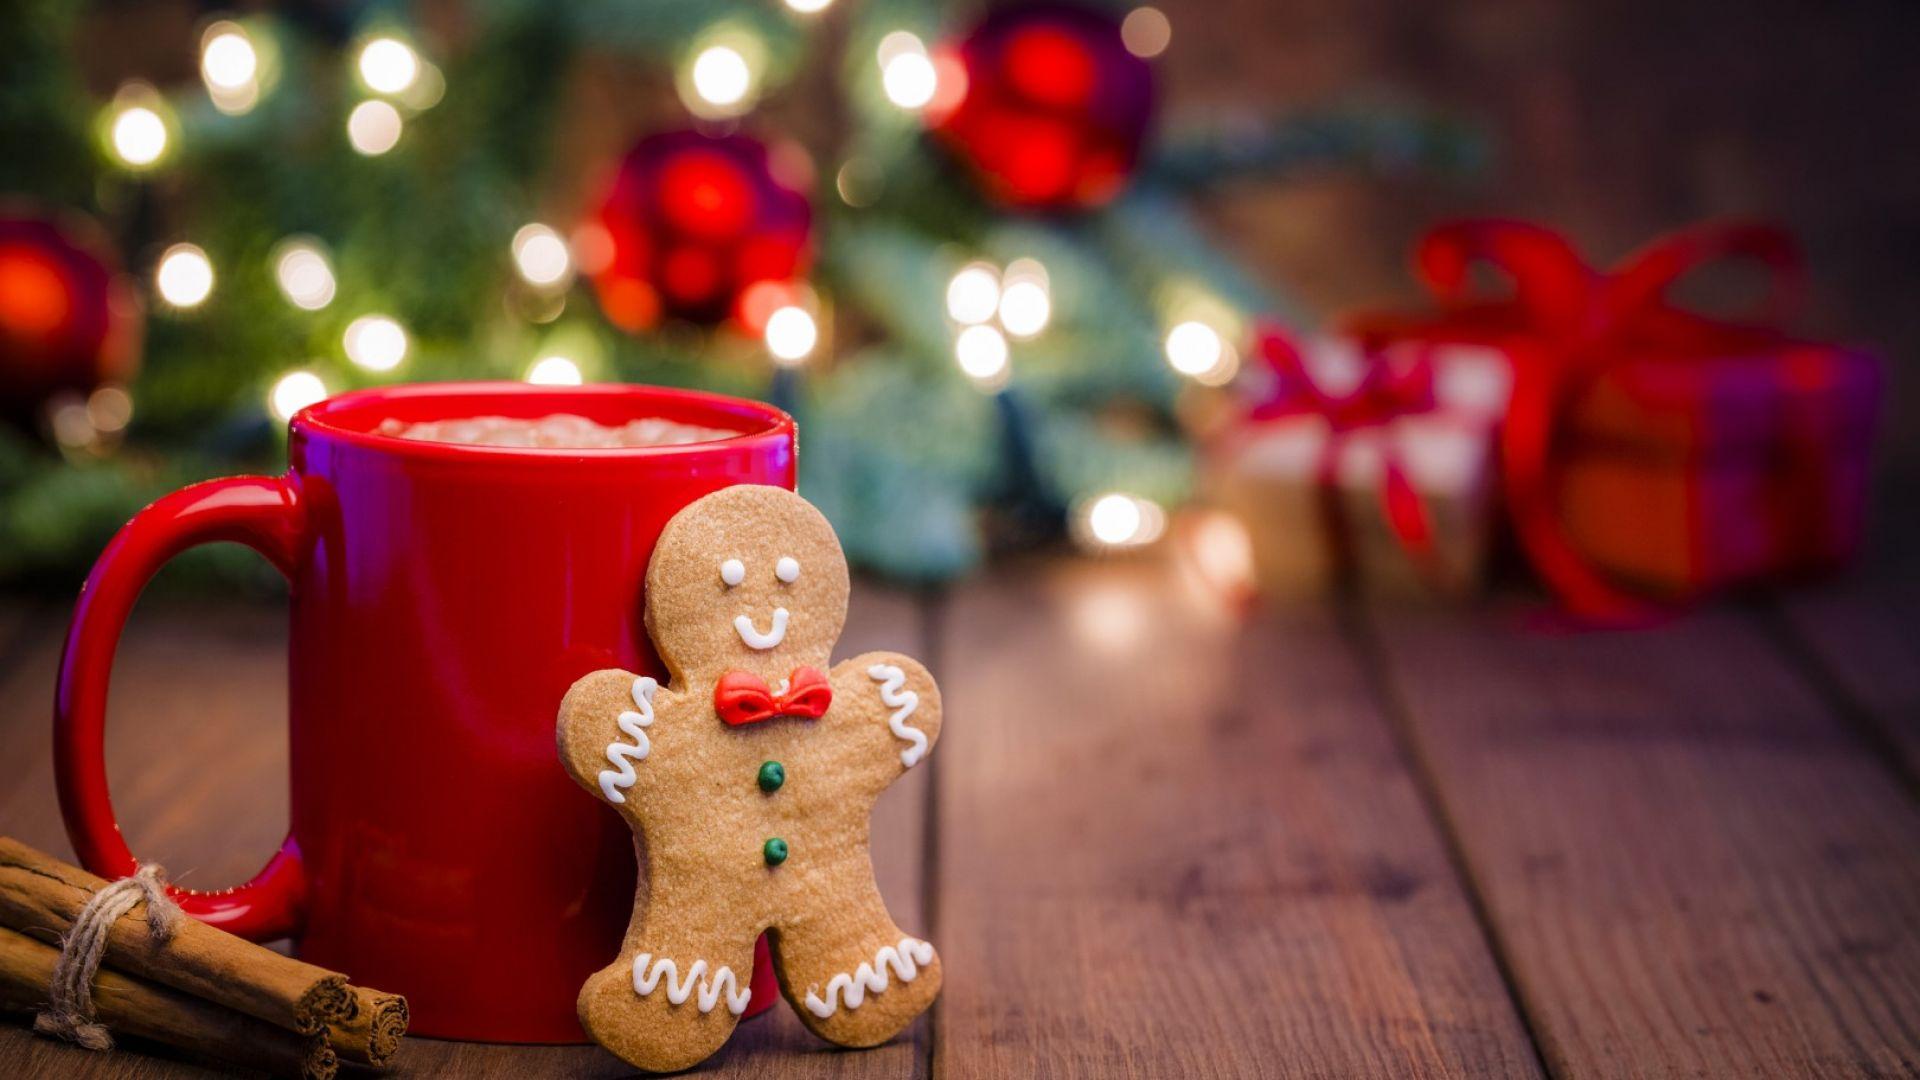 Песента Jingle Bells е изпратена през 1965 г. в космоса и други интересни факти за Коледа